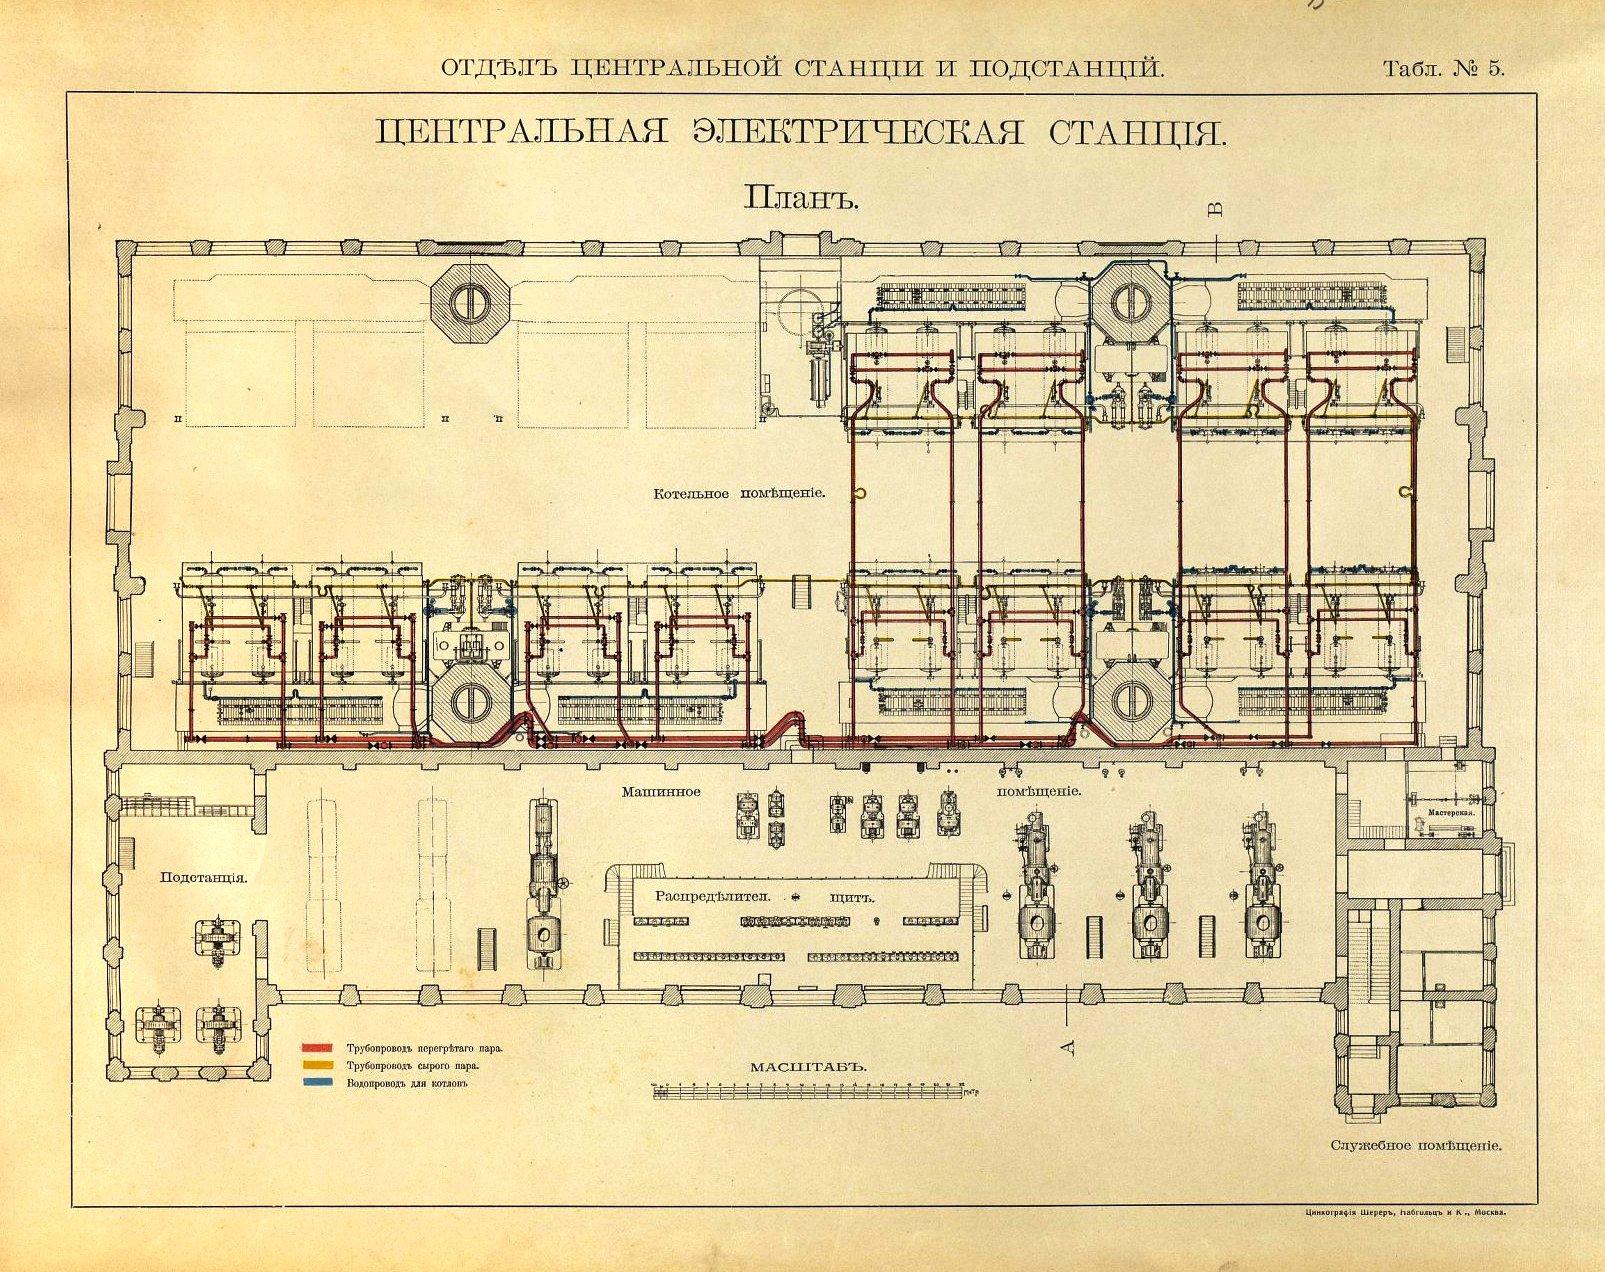 08. План Центральной электрической станции